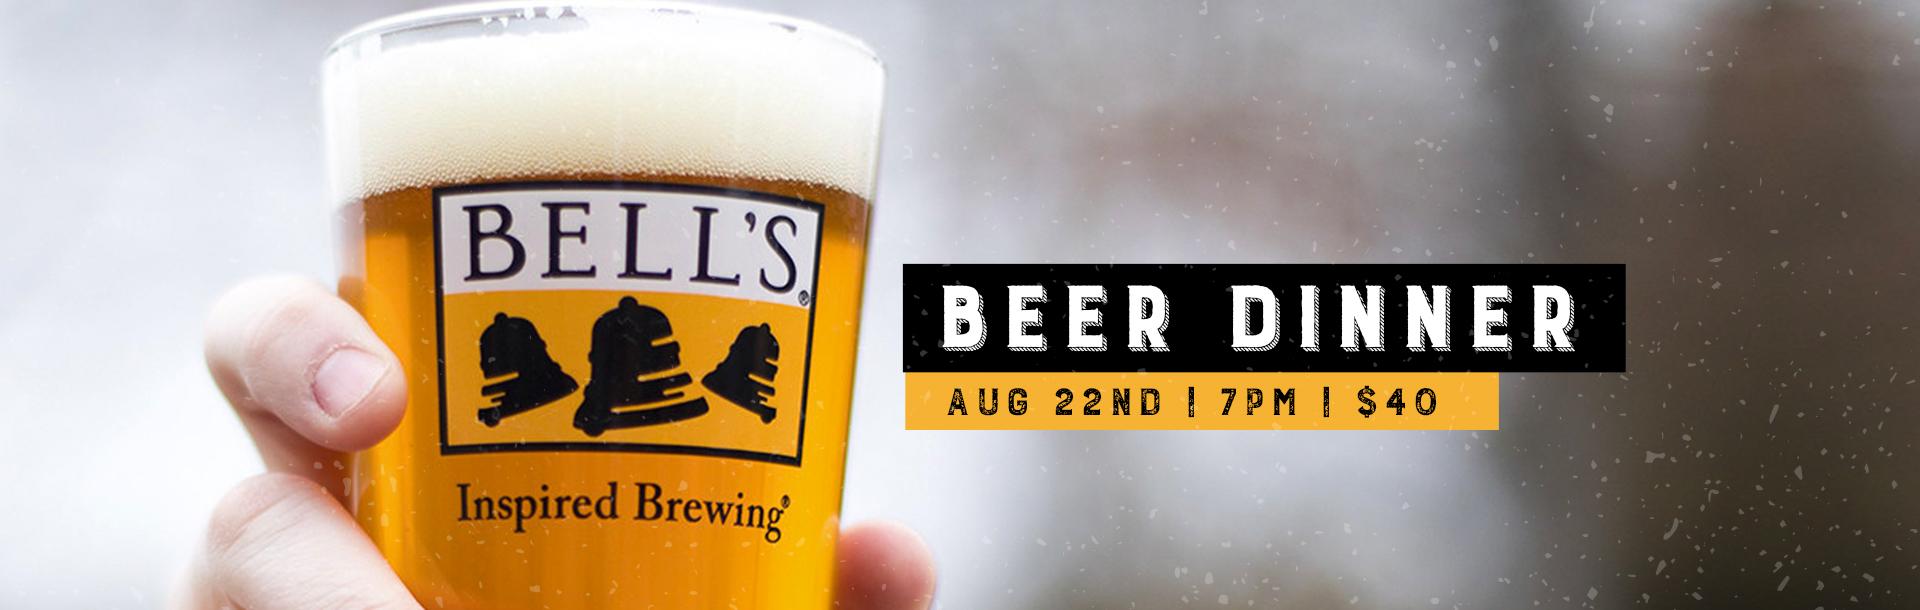 Bell's Brewery Beer Dinner